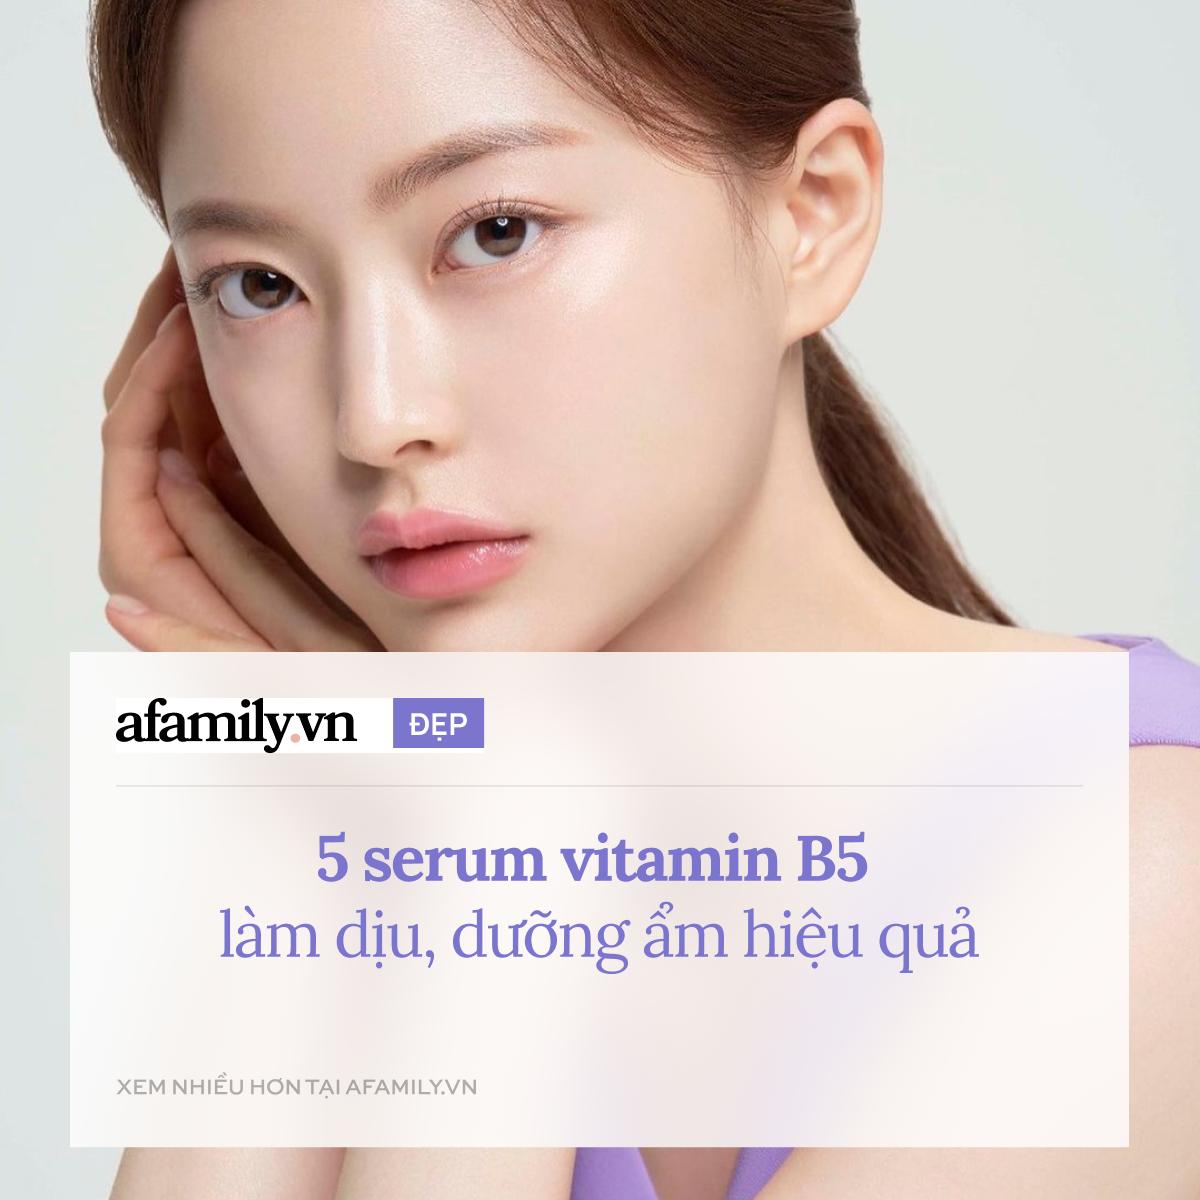 5 serum vitamin B5 phục hồi da hiệu quả kiêm luôn cấp nước, ngừa lão hóa - Ảnh 1.